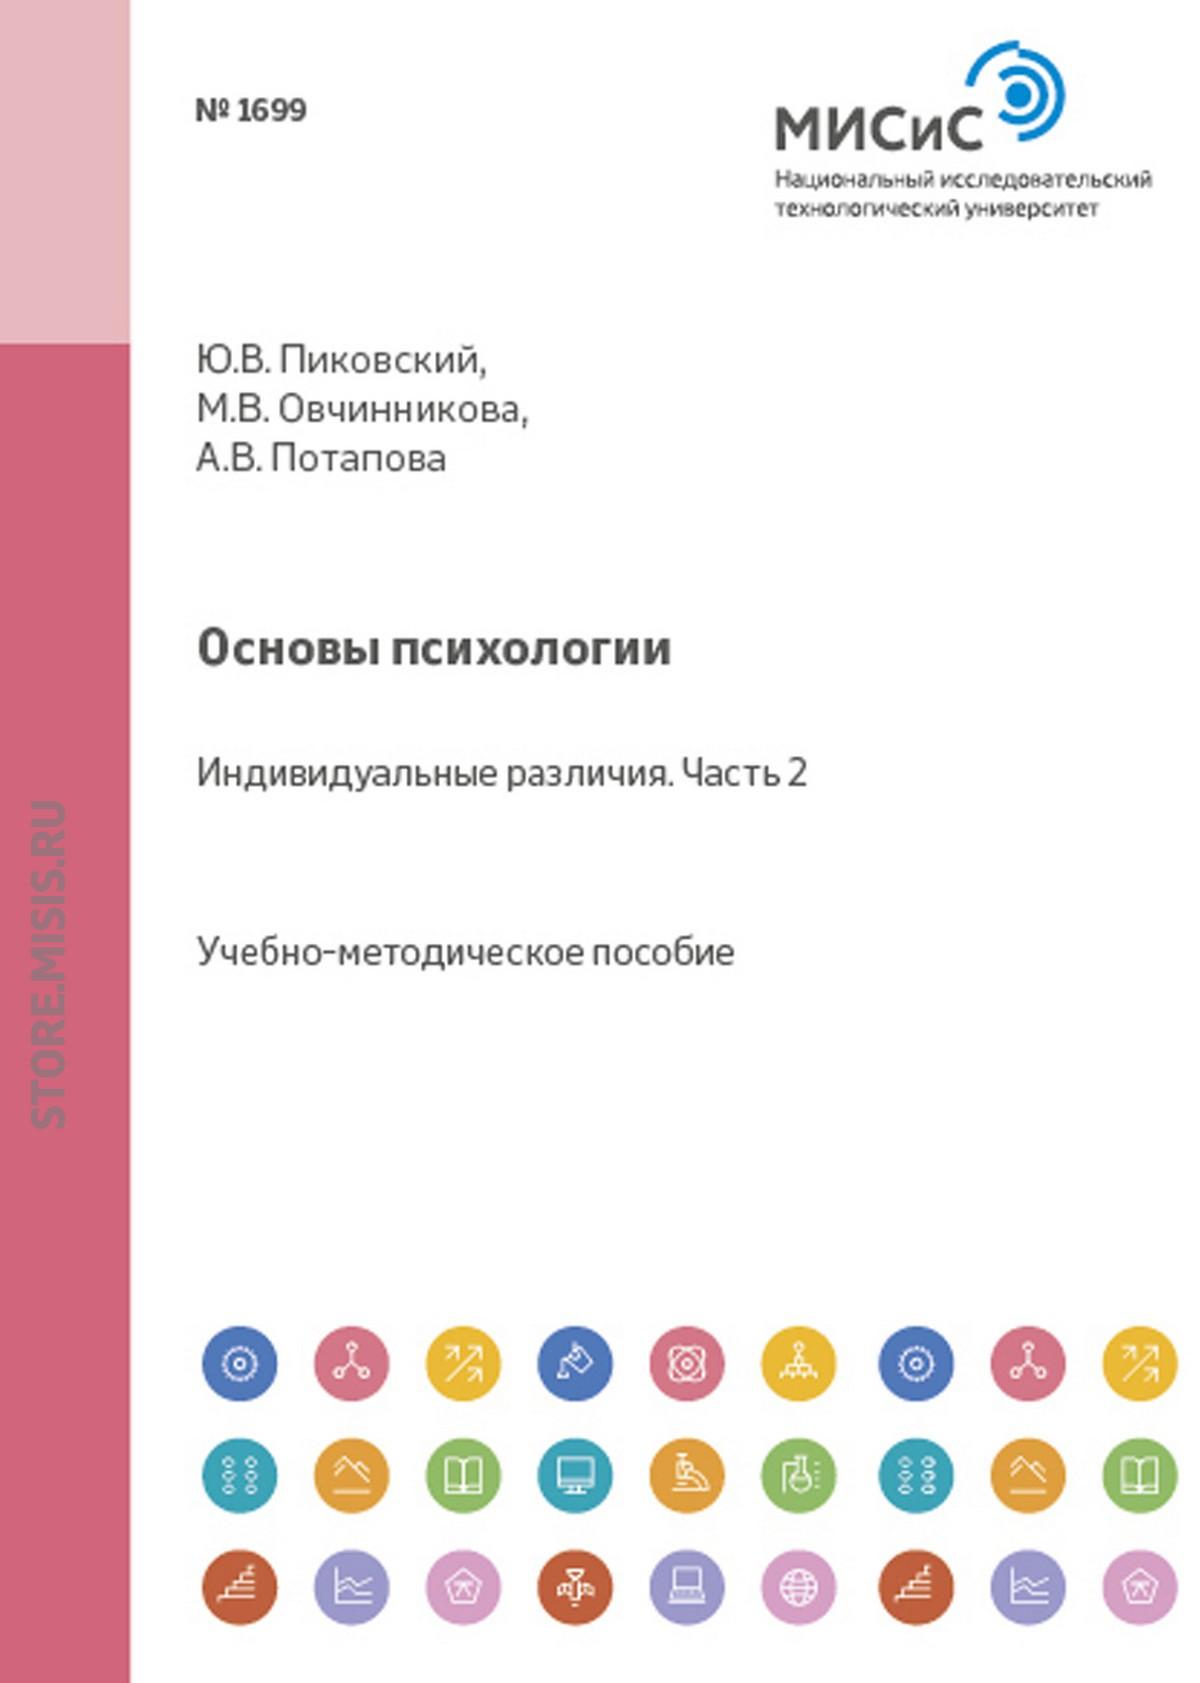 А. В. Потапова Основы психологии. Индивидуальные различия. Часть II цена